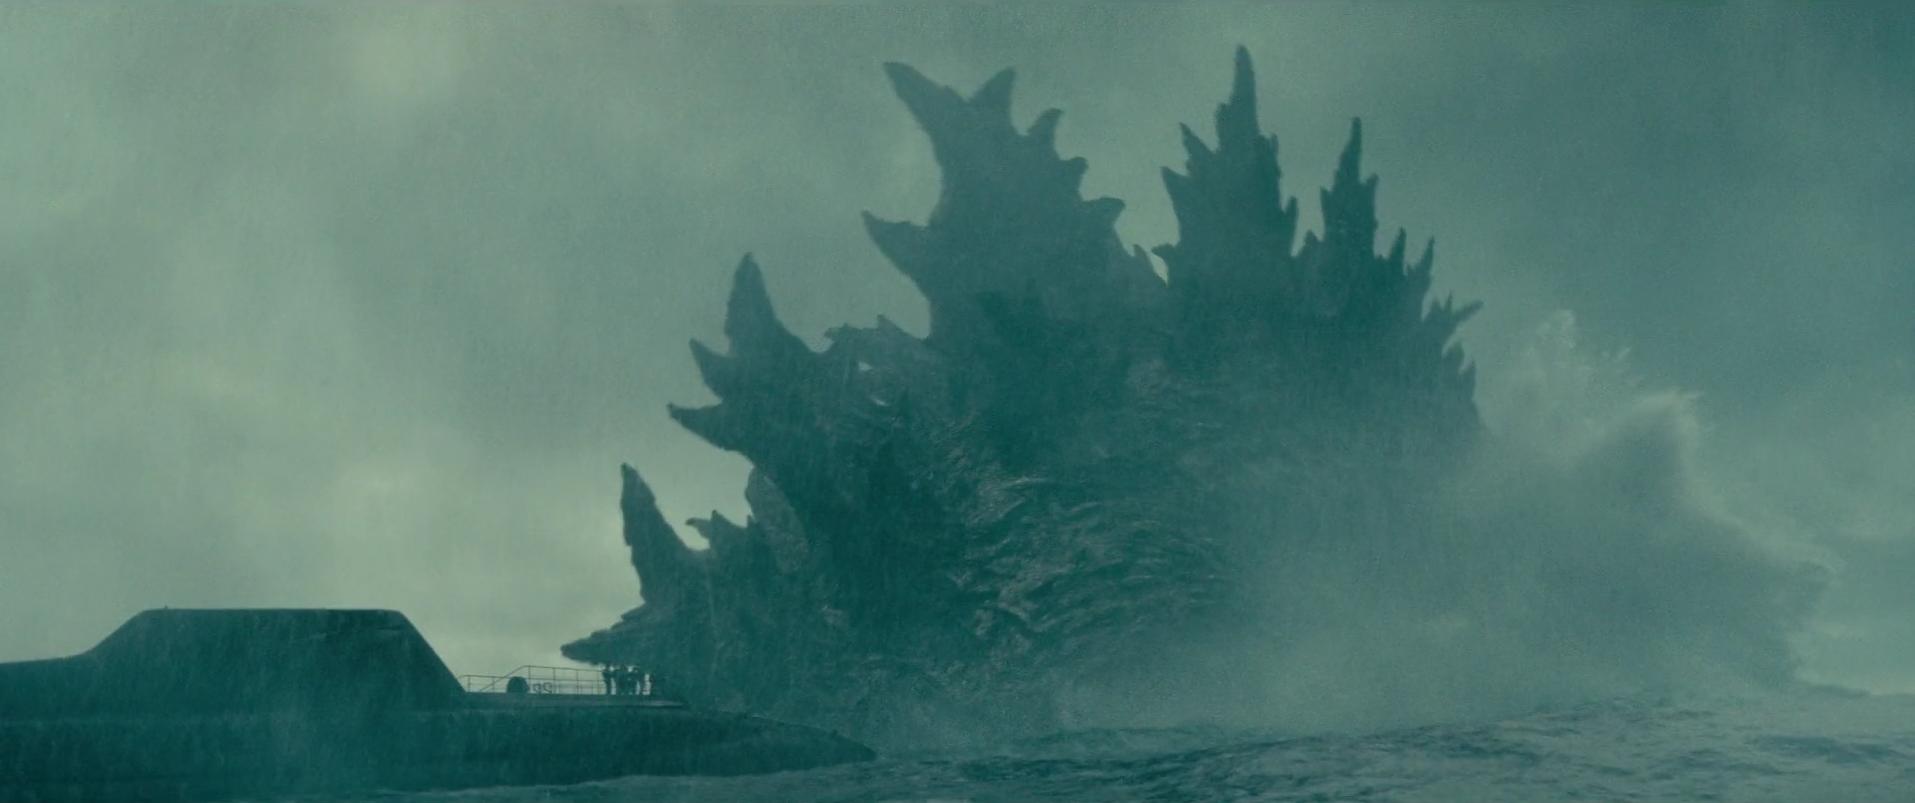 27 Godzilla descending.png